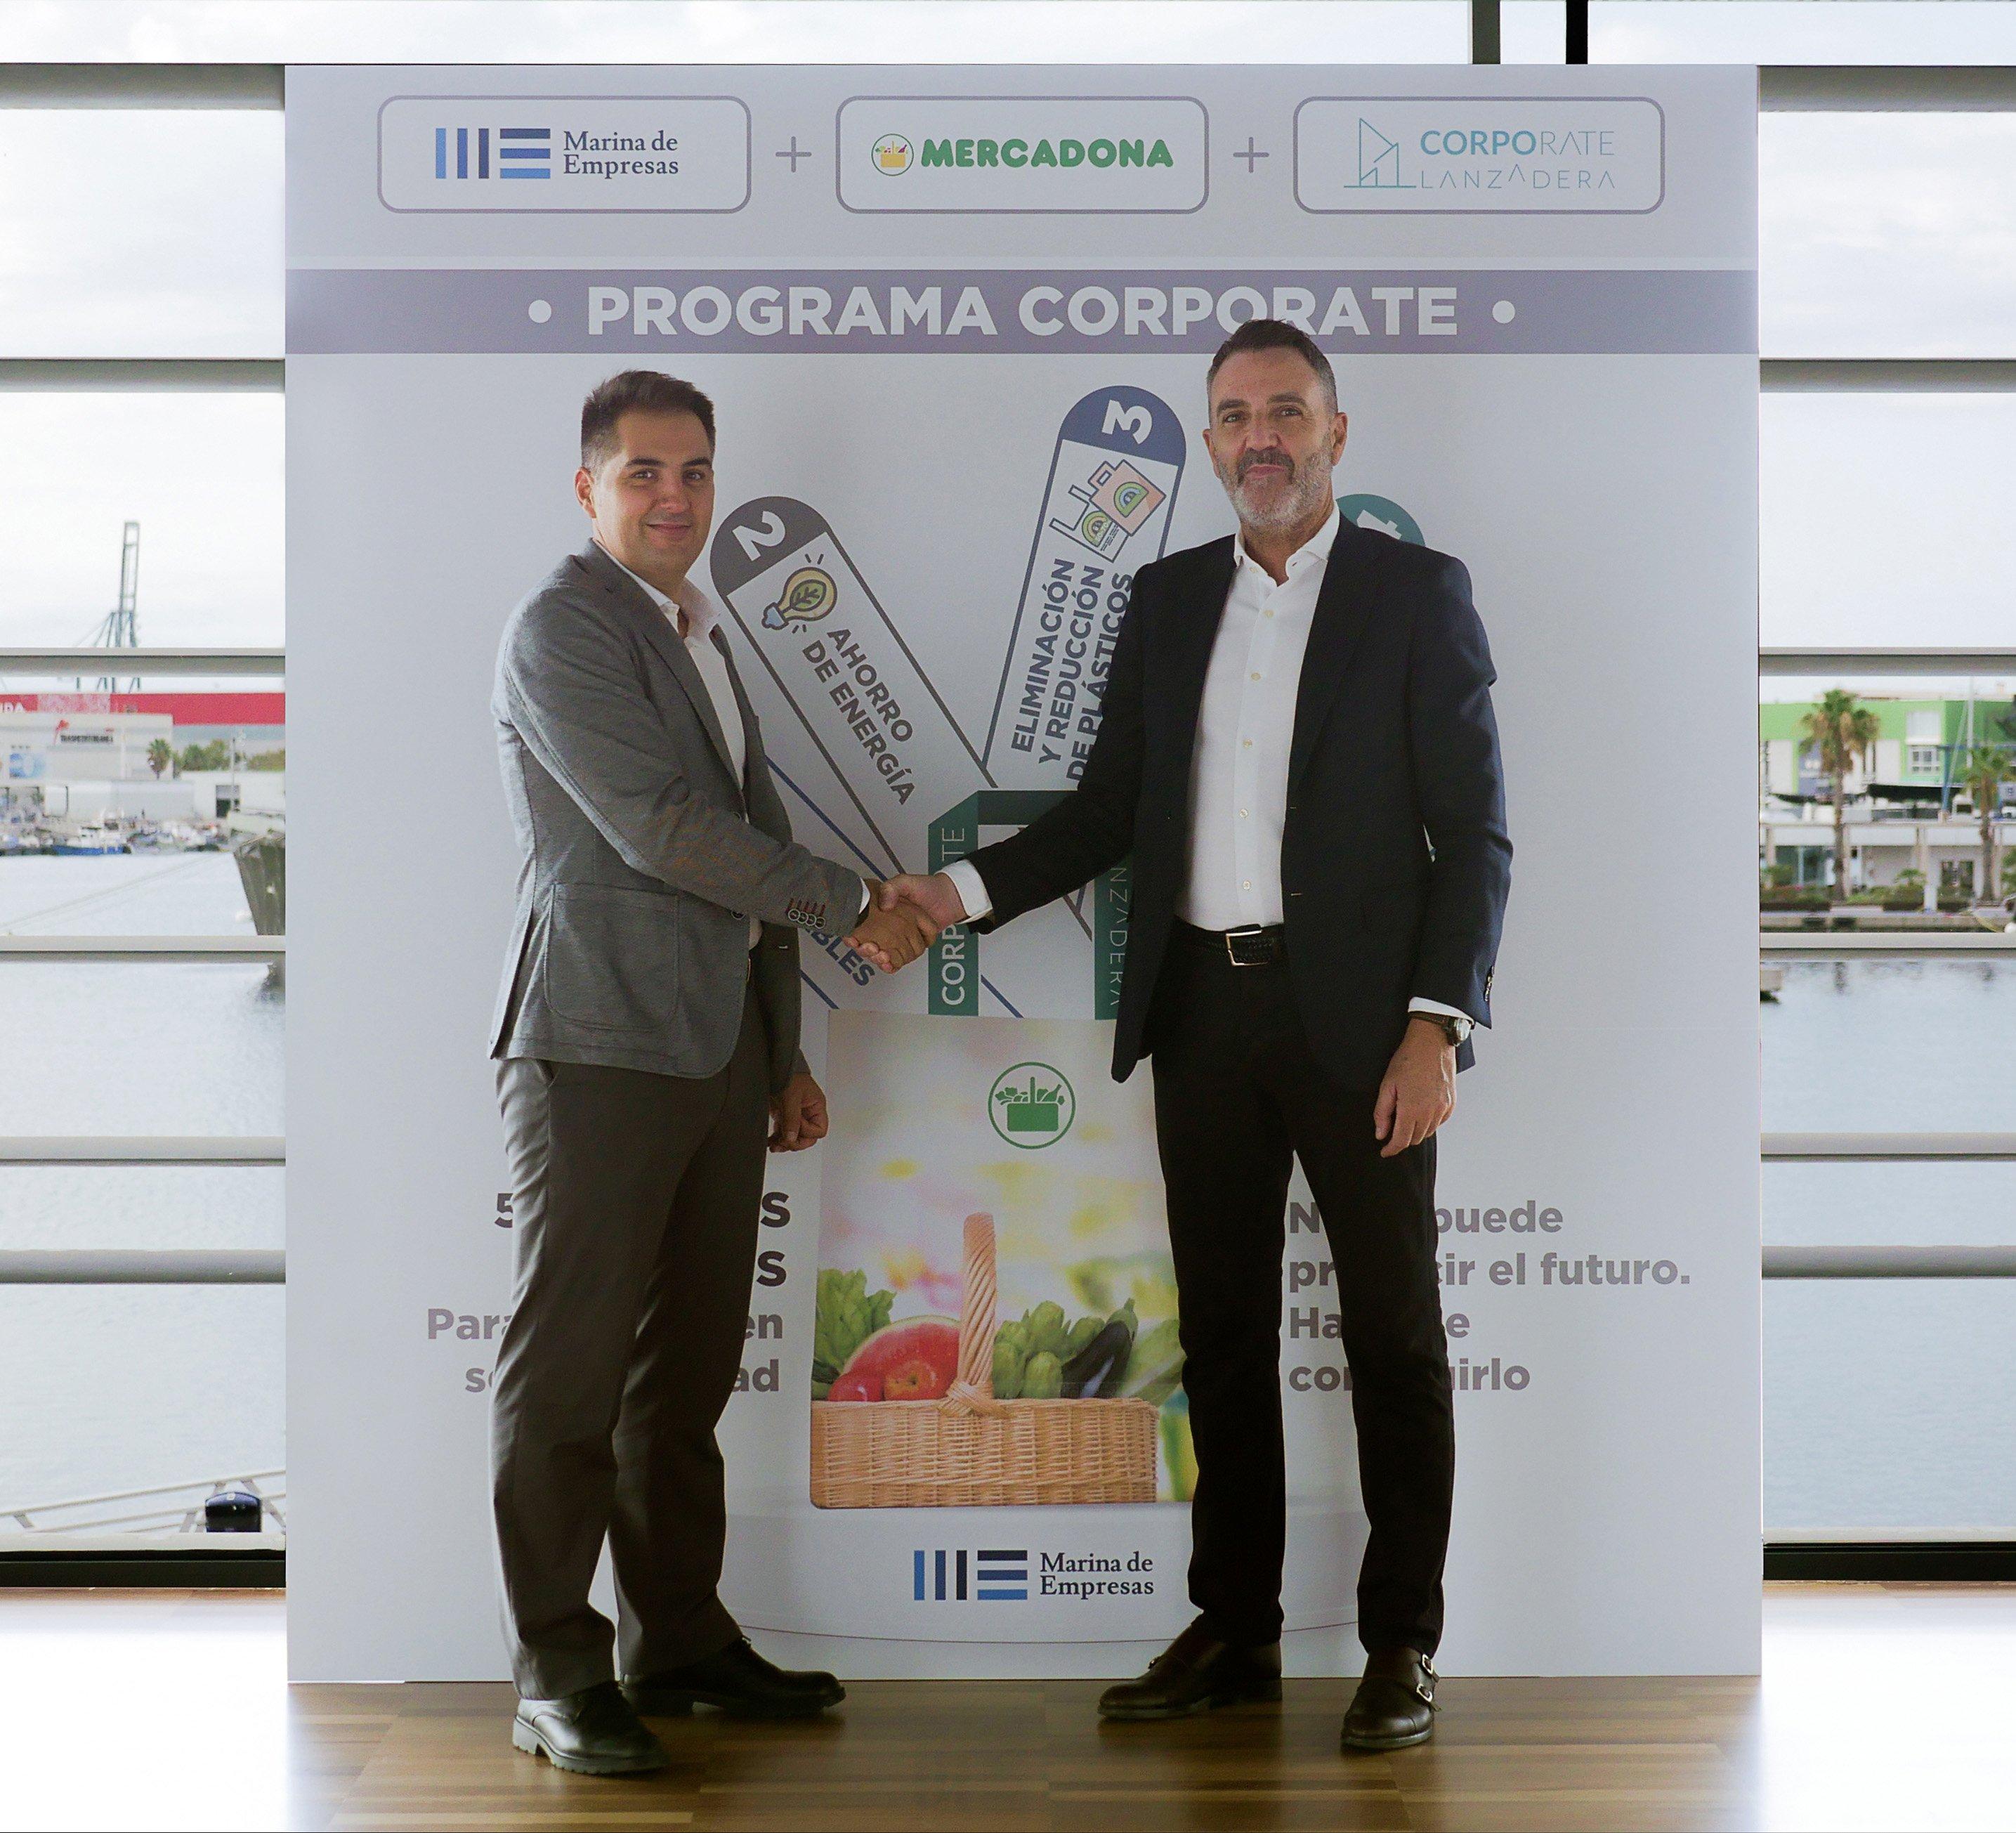 Nichan Bakkalian, responsable de Organización de Mercadona, y Javier Jiménez, director general de Lanzadera